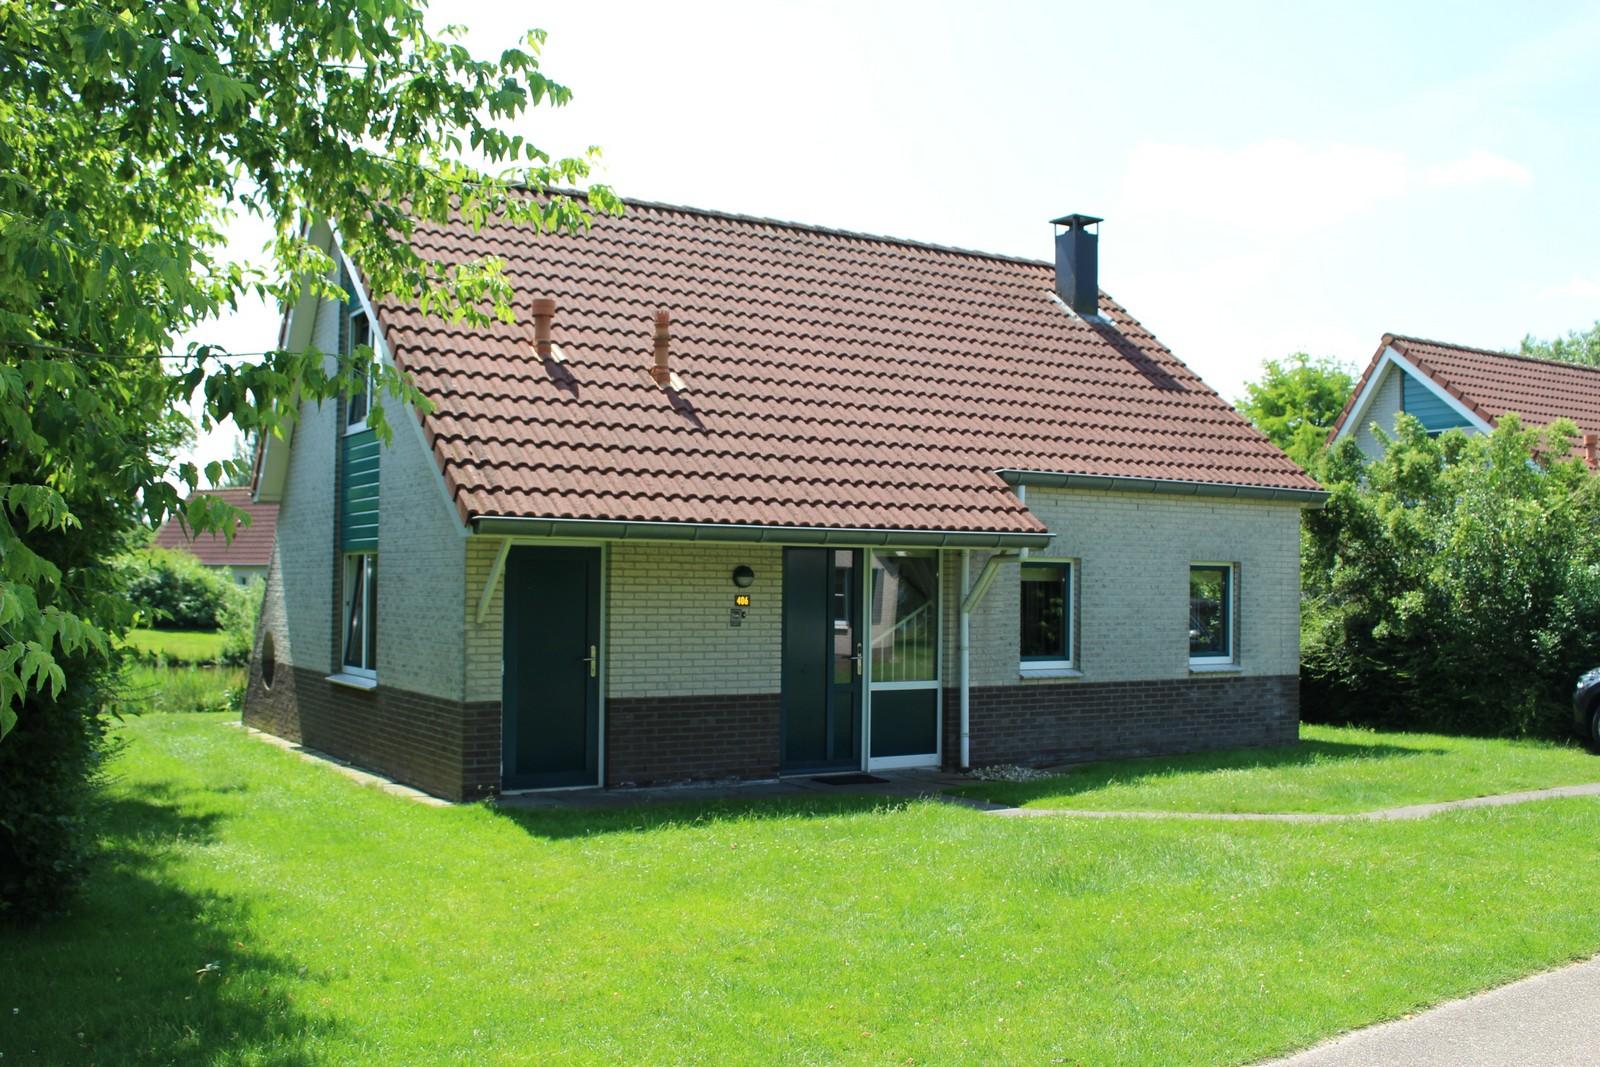 Buitenhuis 406, type Trias 4-persoons VIP (SR359) 1